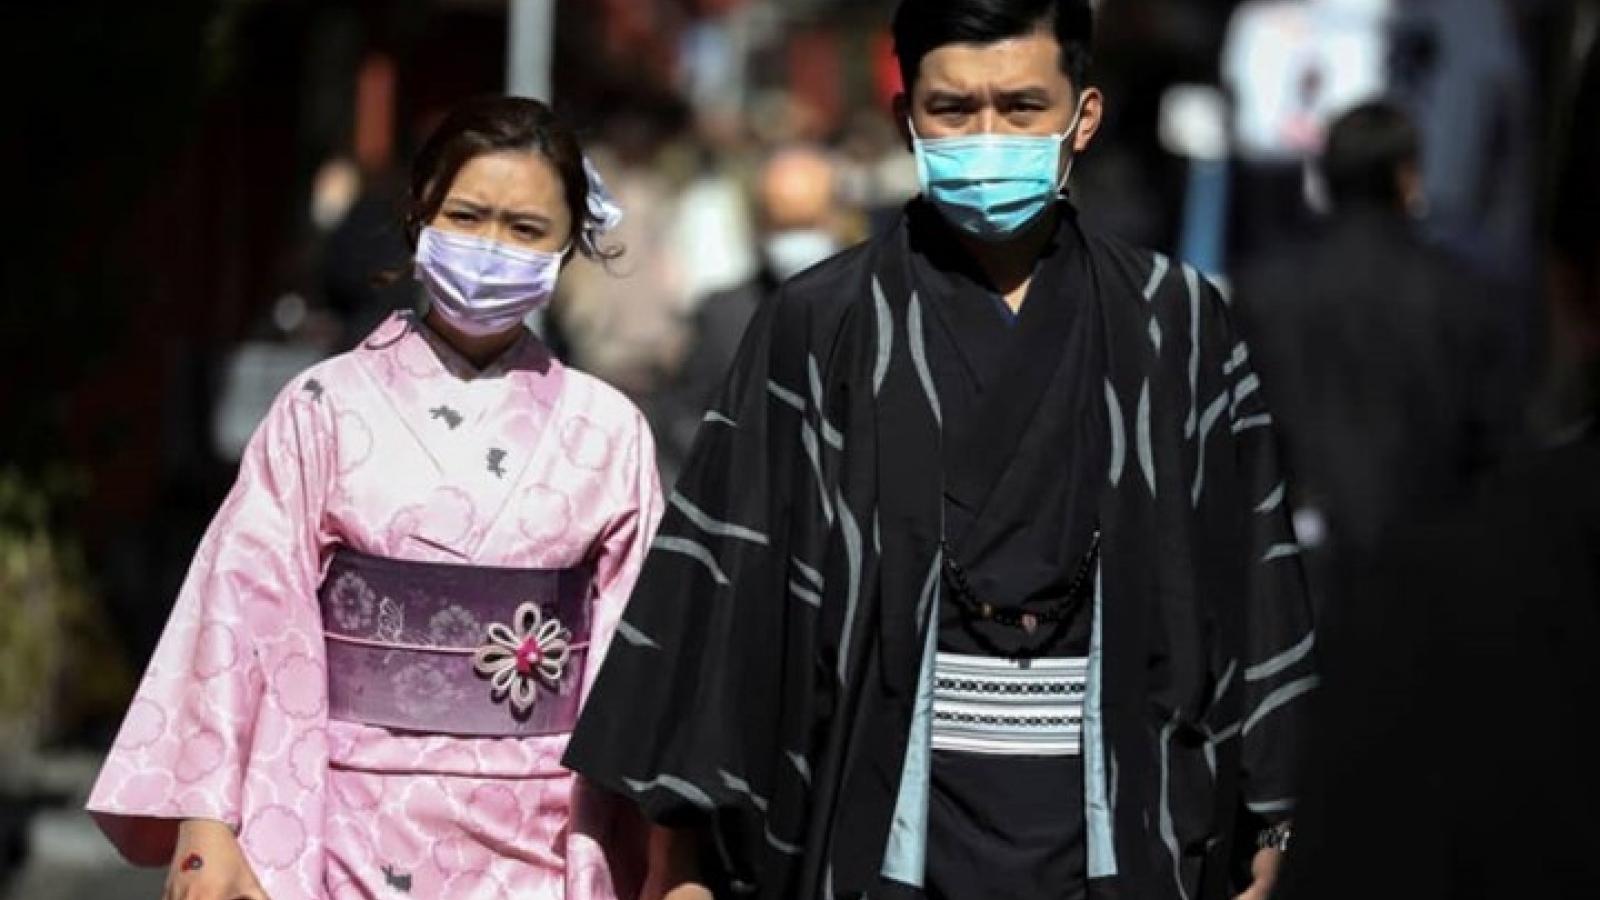 """Tình trạng khẩn cấp có thể khiến nền kinh tế Nhật Bản """"sụt giảm kép"""""""